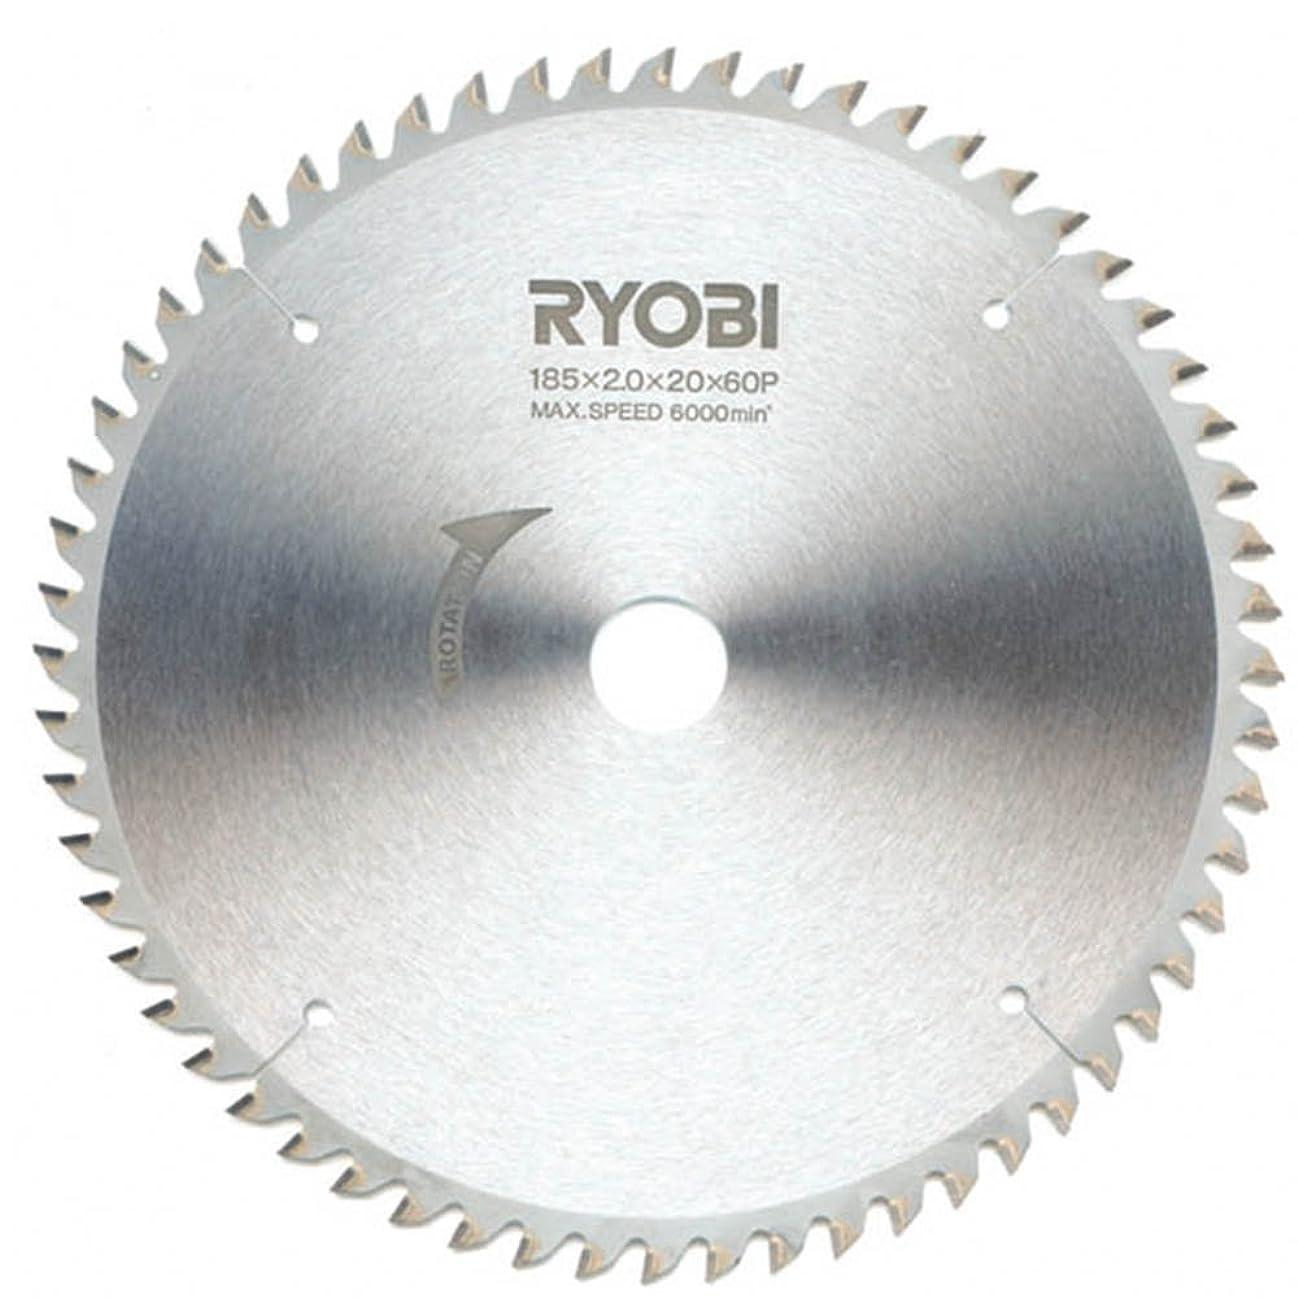 ベッド乙女準備リョービ(RYOBI) アルミ用チップソー TSS-191 TSS-190A用 185×20.0mm 60P 4911610